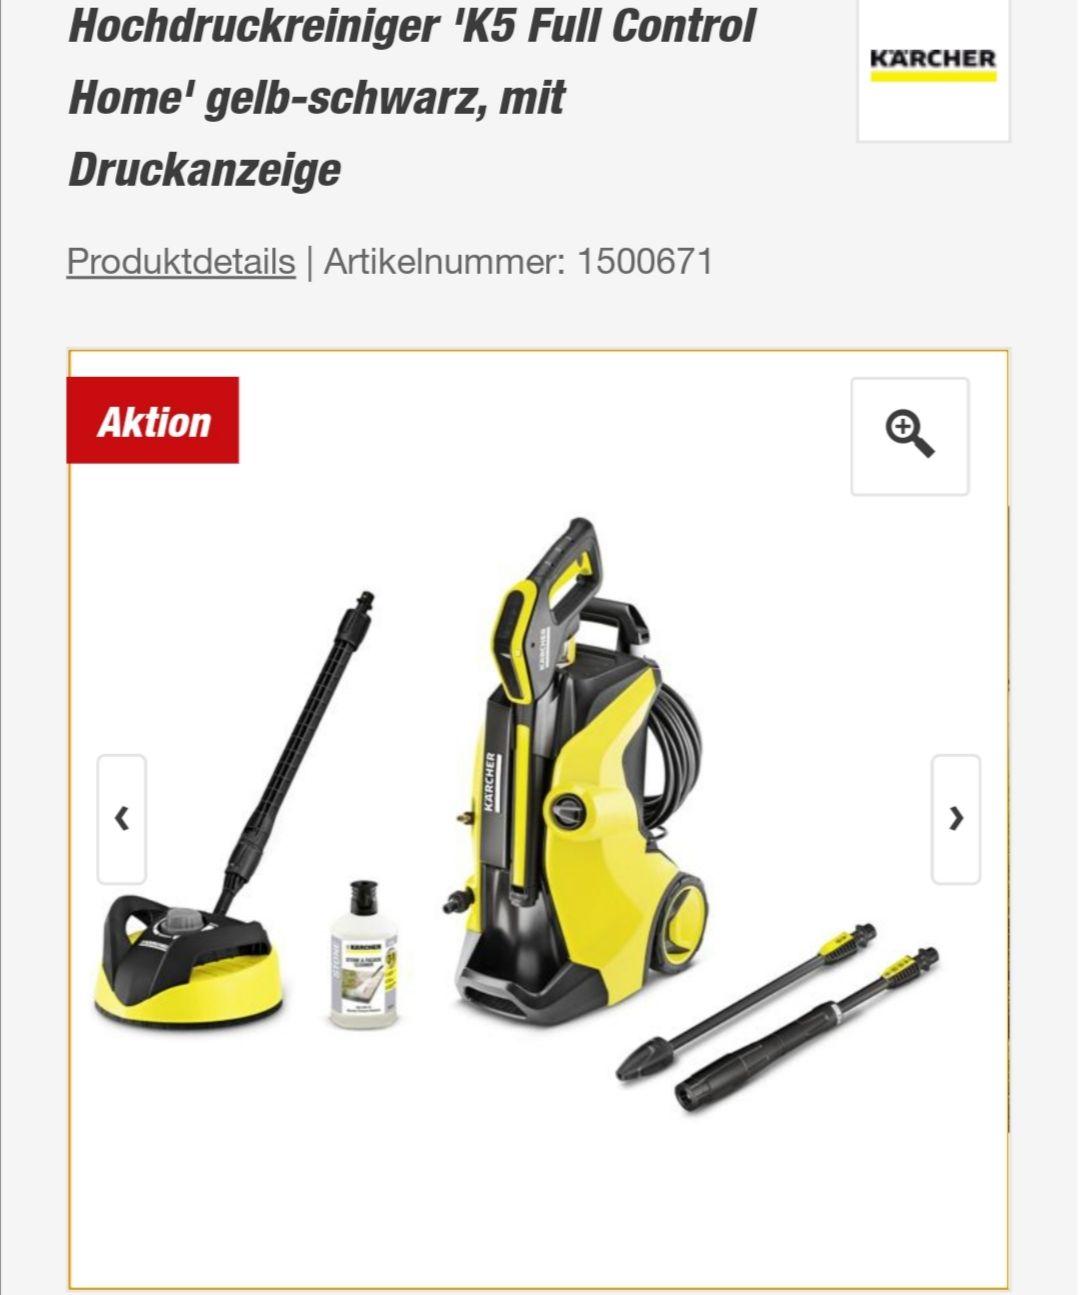 Kärcher Hochdruckreiniger 'K5 Full Control Home' gelb-schwarz, mit Druckanzeige